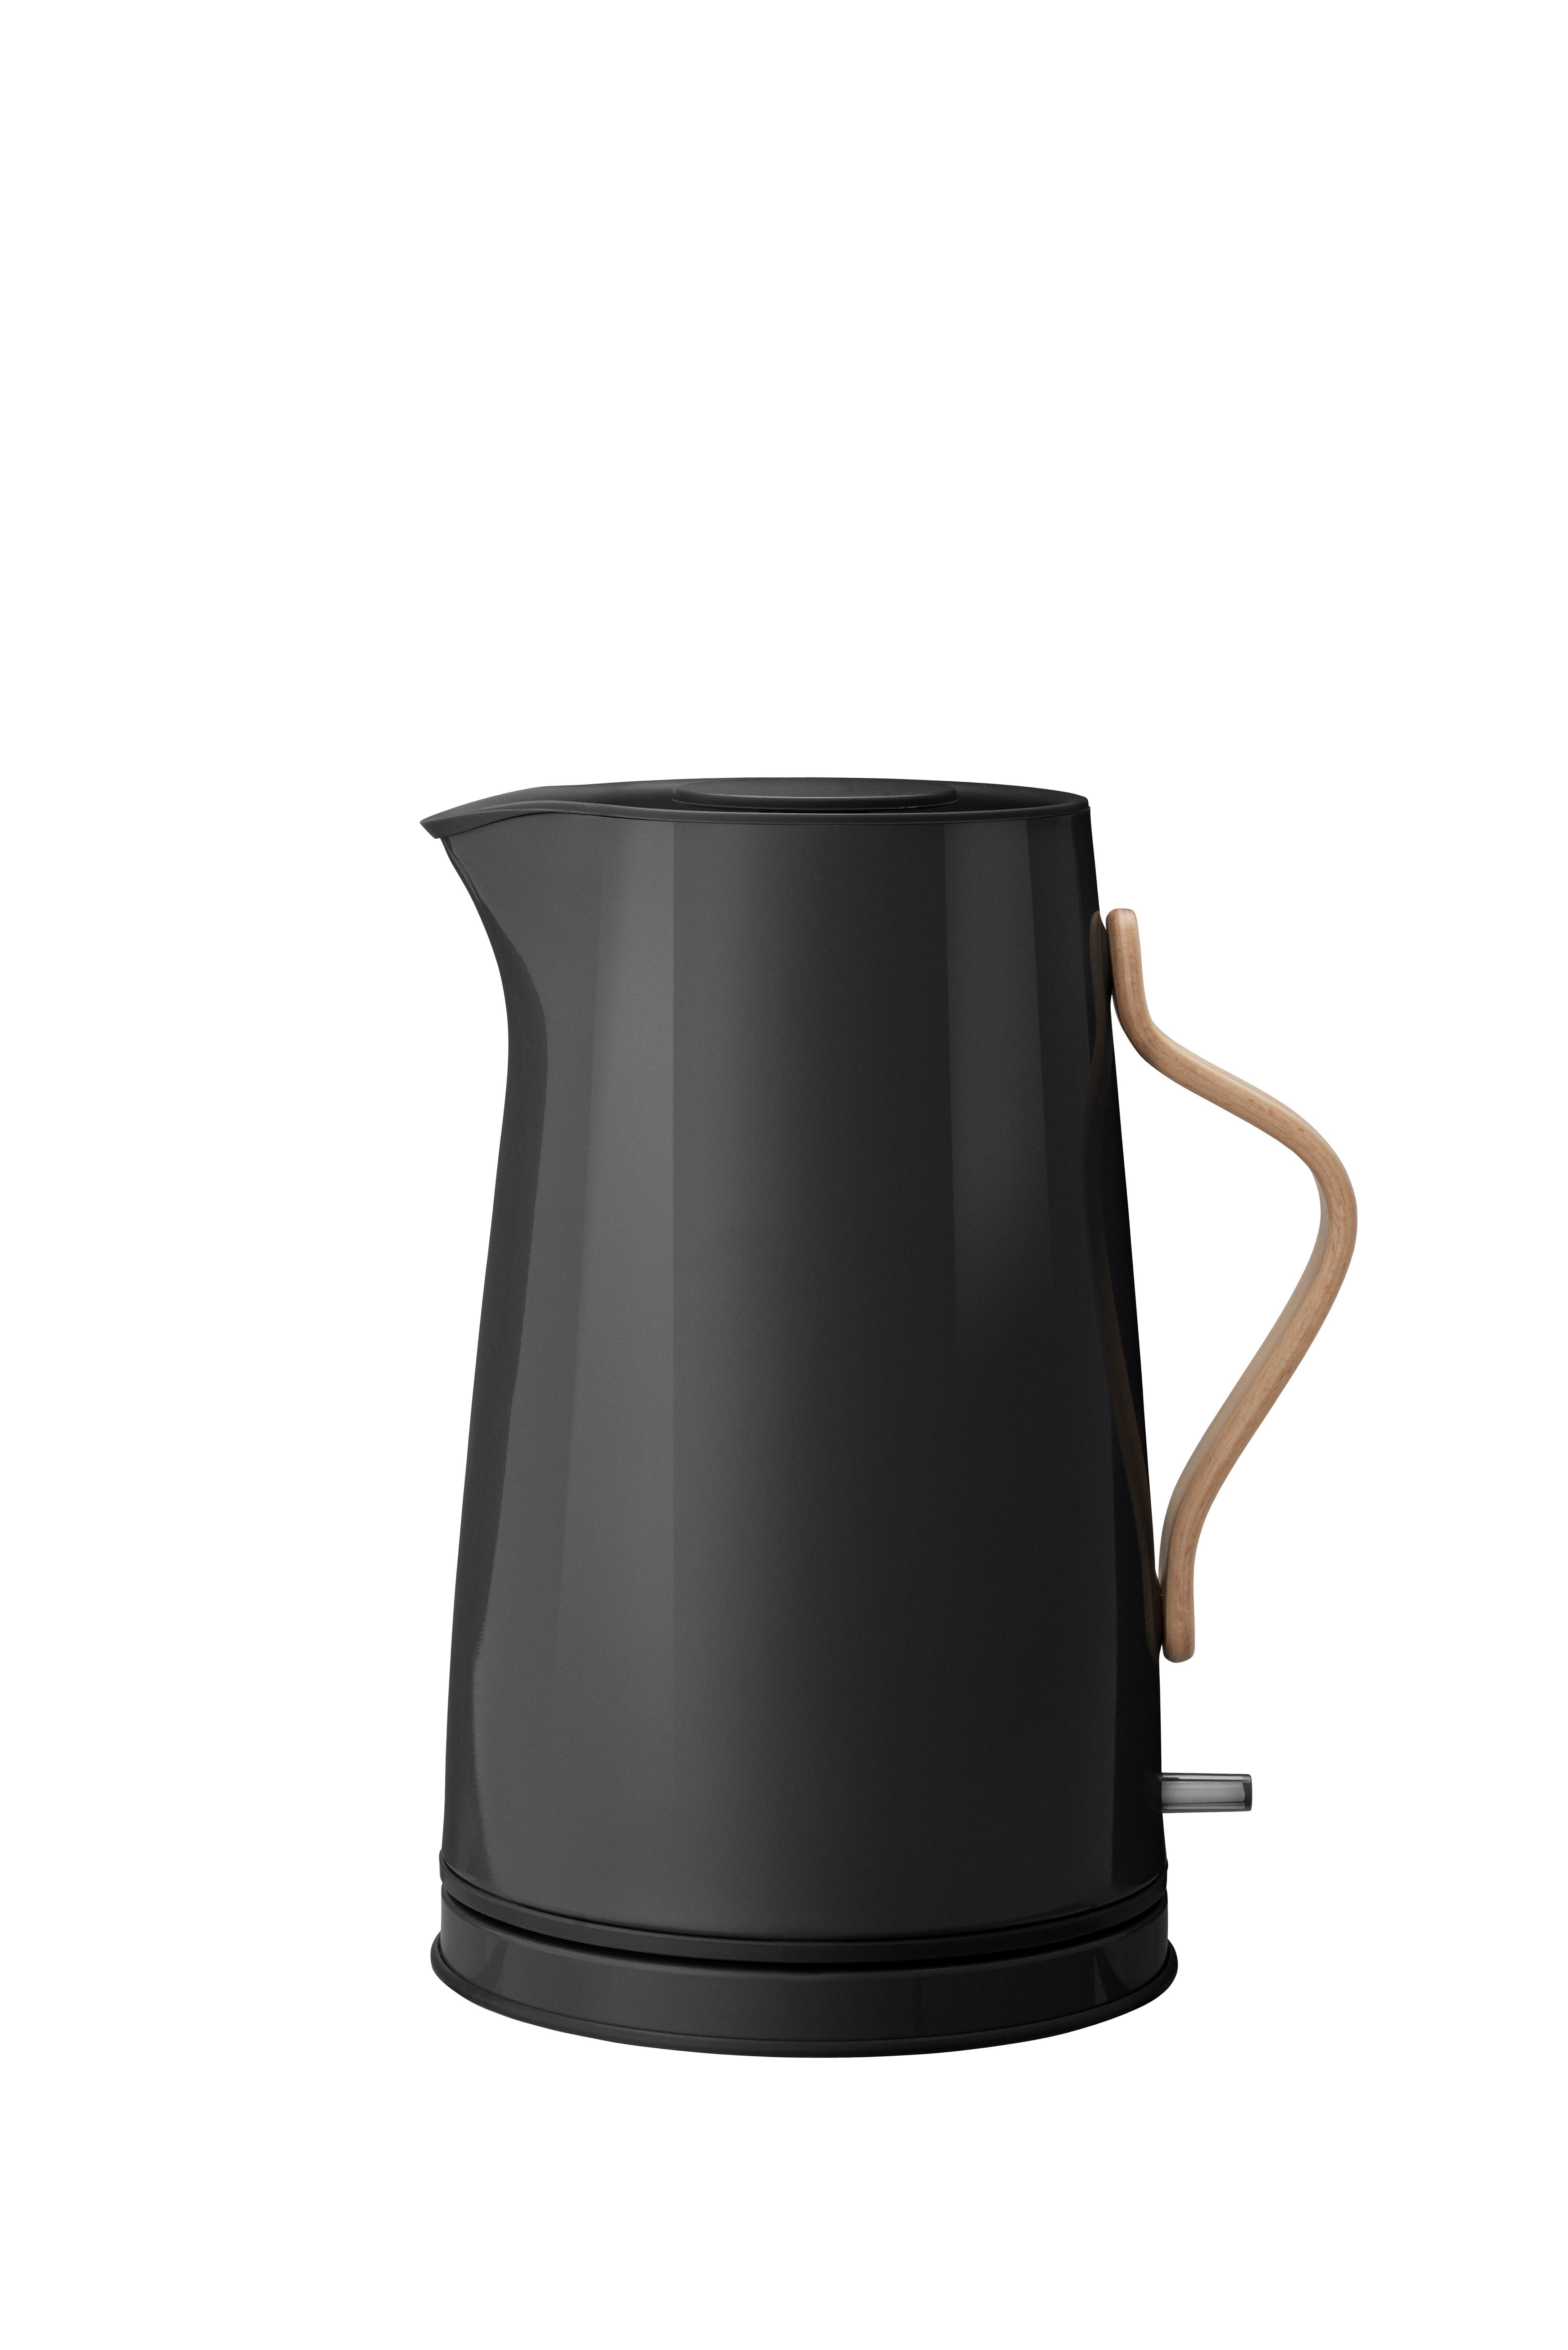 Stelton - Emma Kettle 1,2 L - Black (x-210-2)